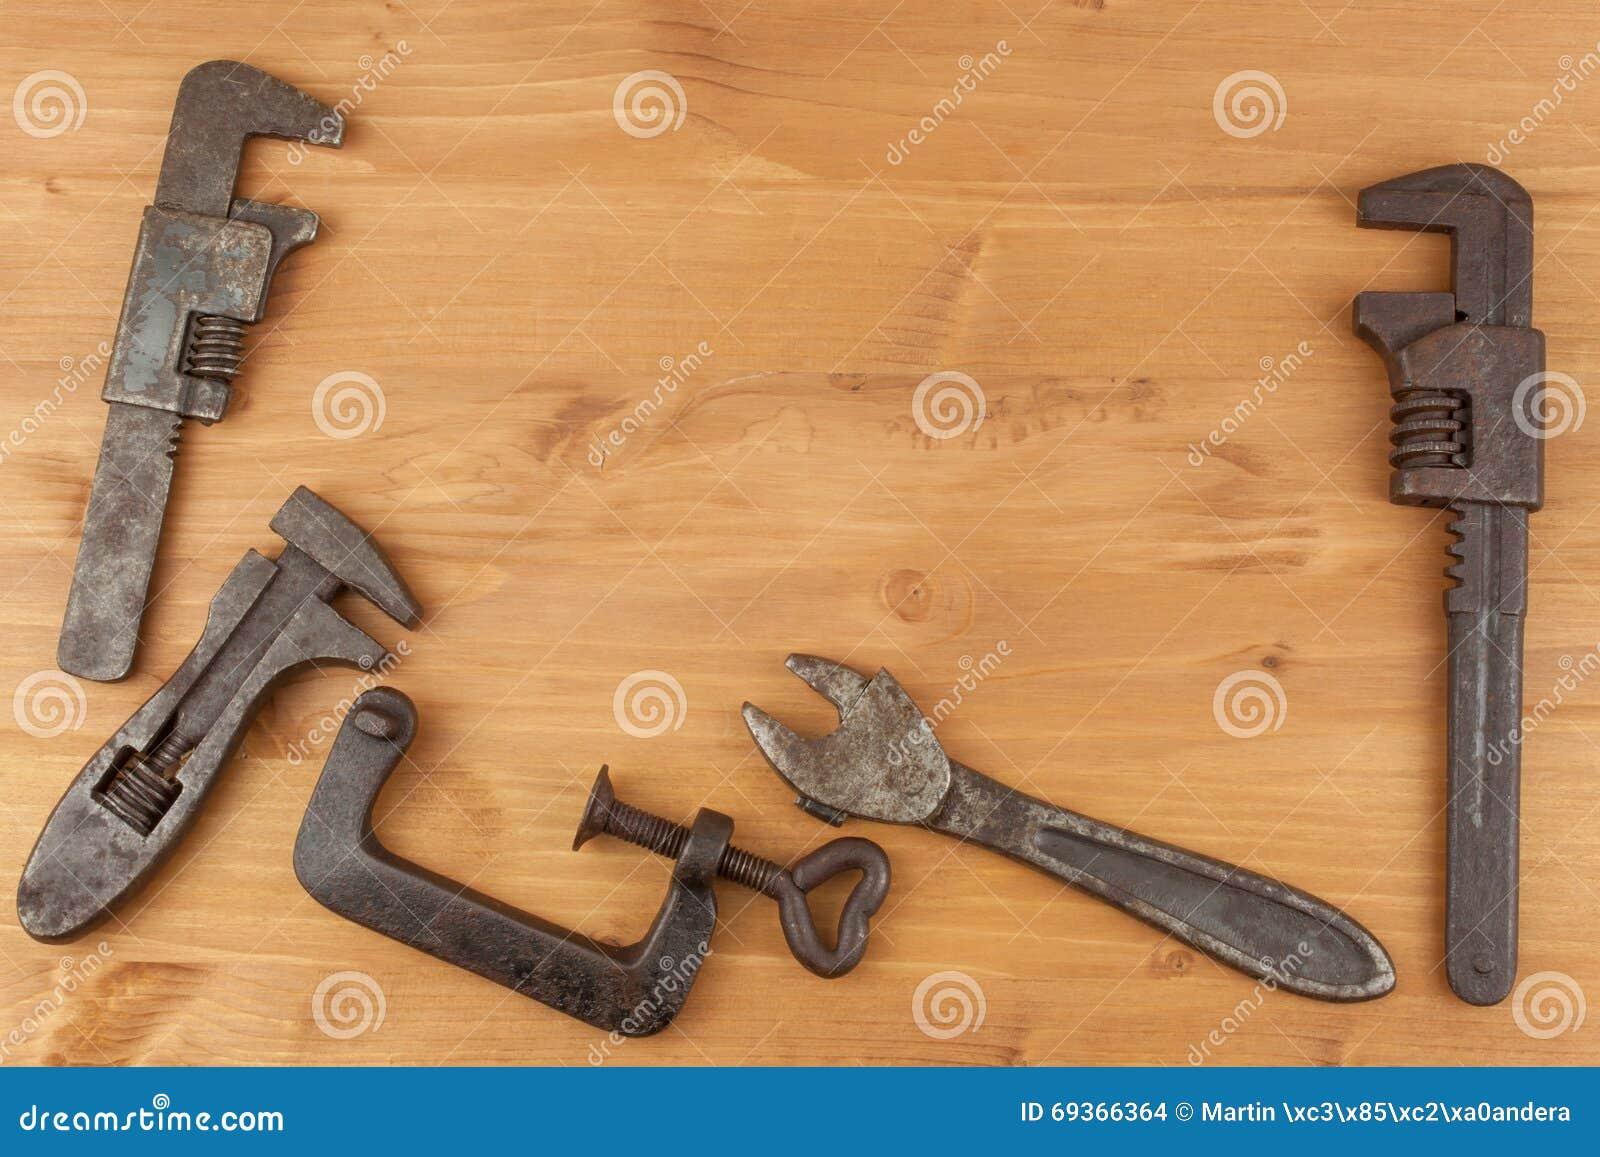 vieux outils rouill s de m canique sur un fond en bois la publicit pour de nouveaux outils. Black Bedroom Furniture Sets. Home Design Ideas